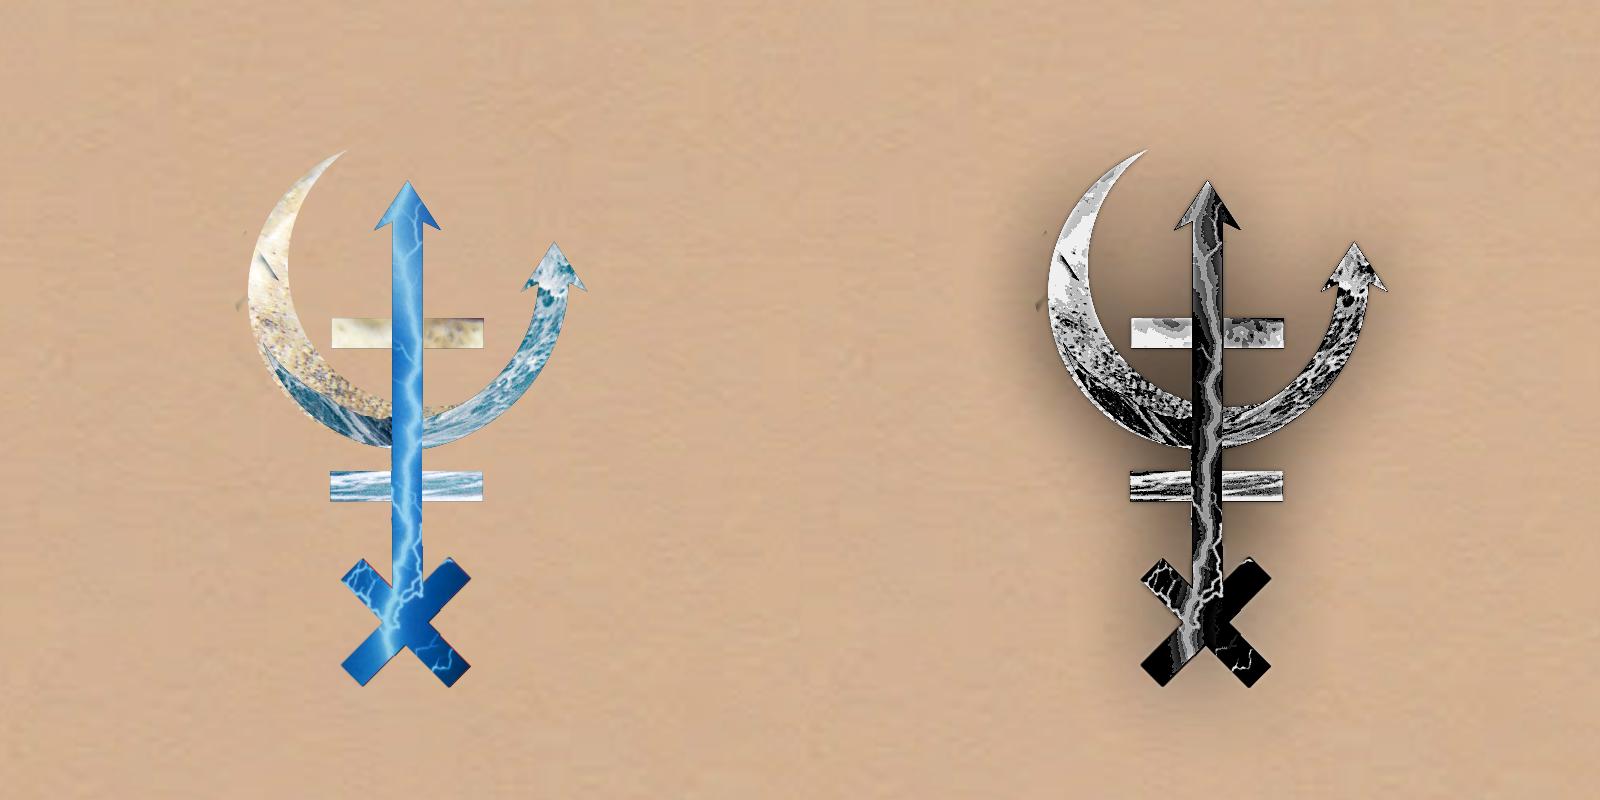 Hades symbol